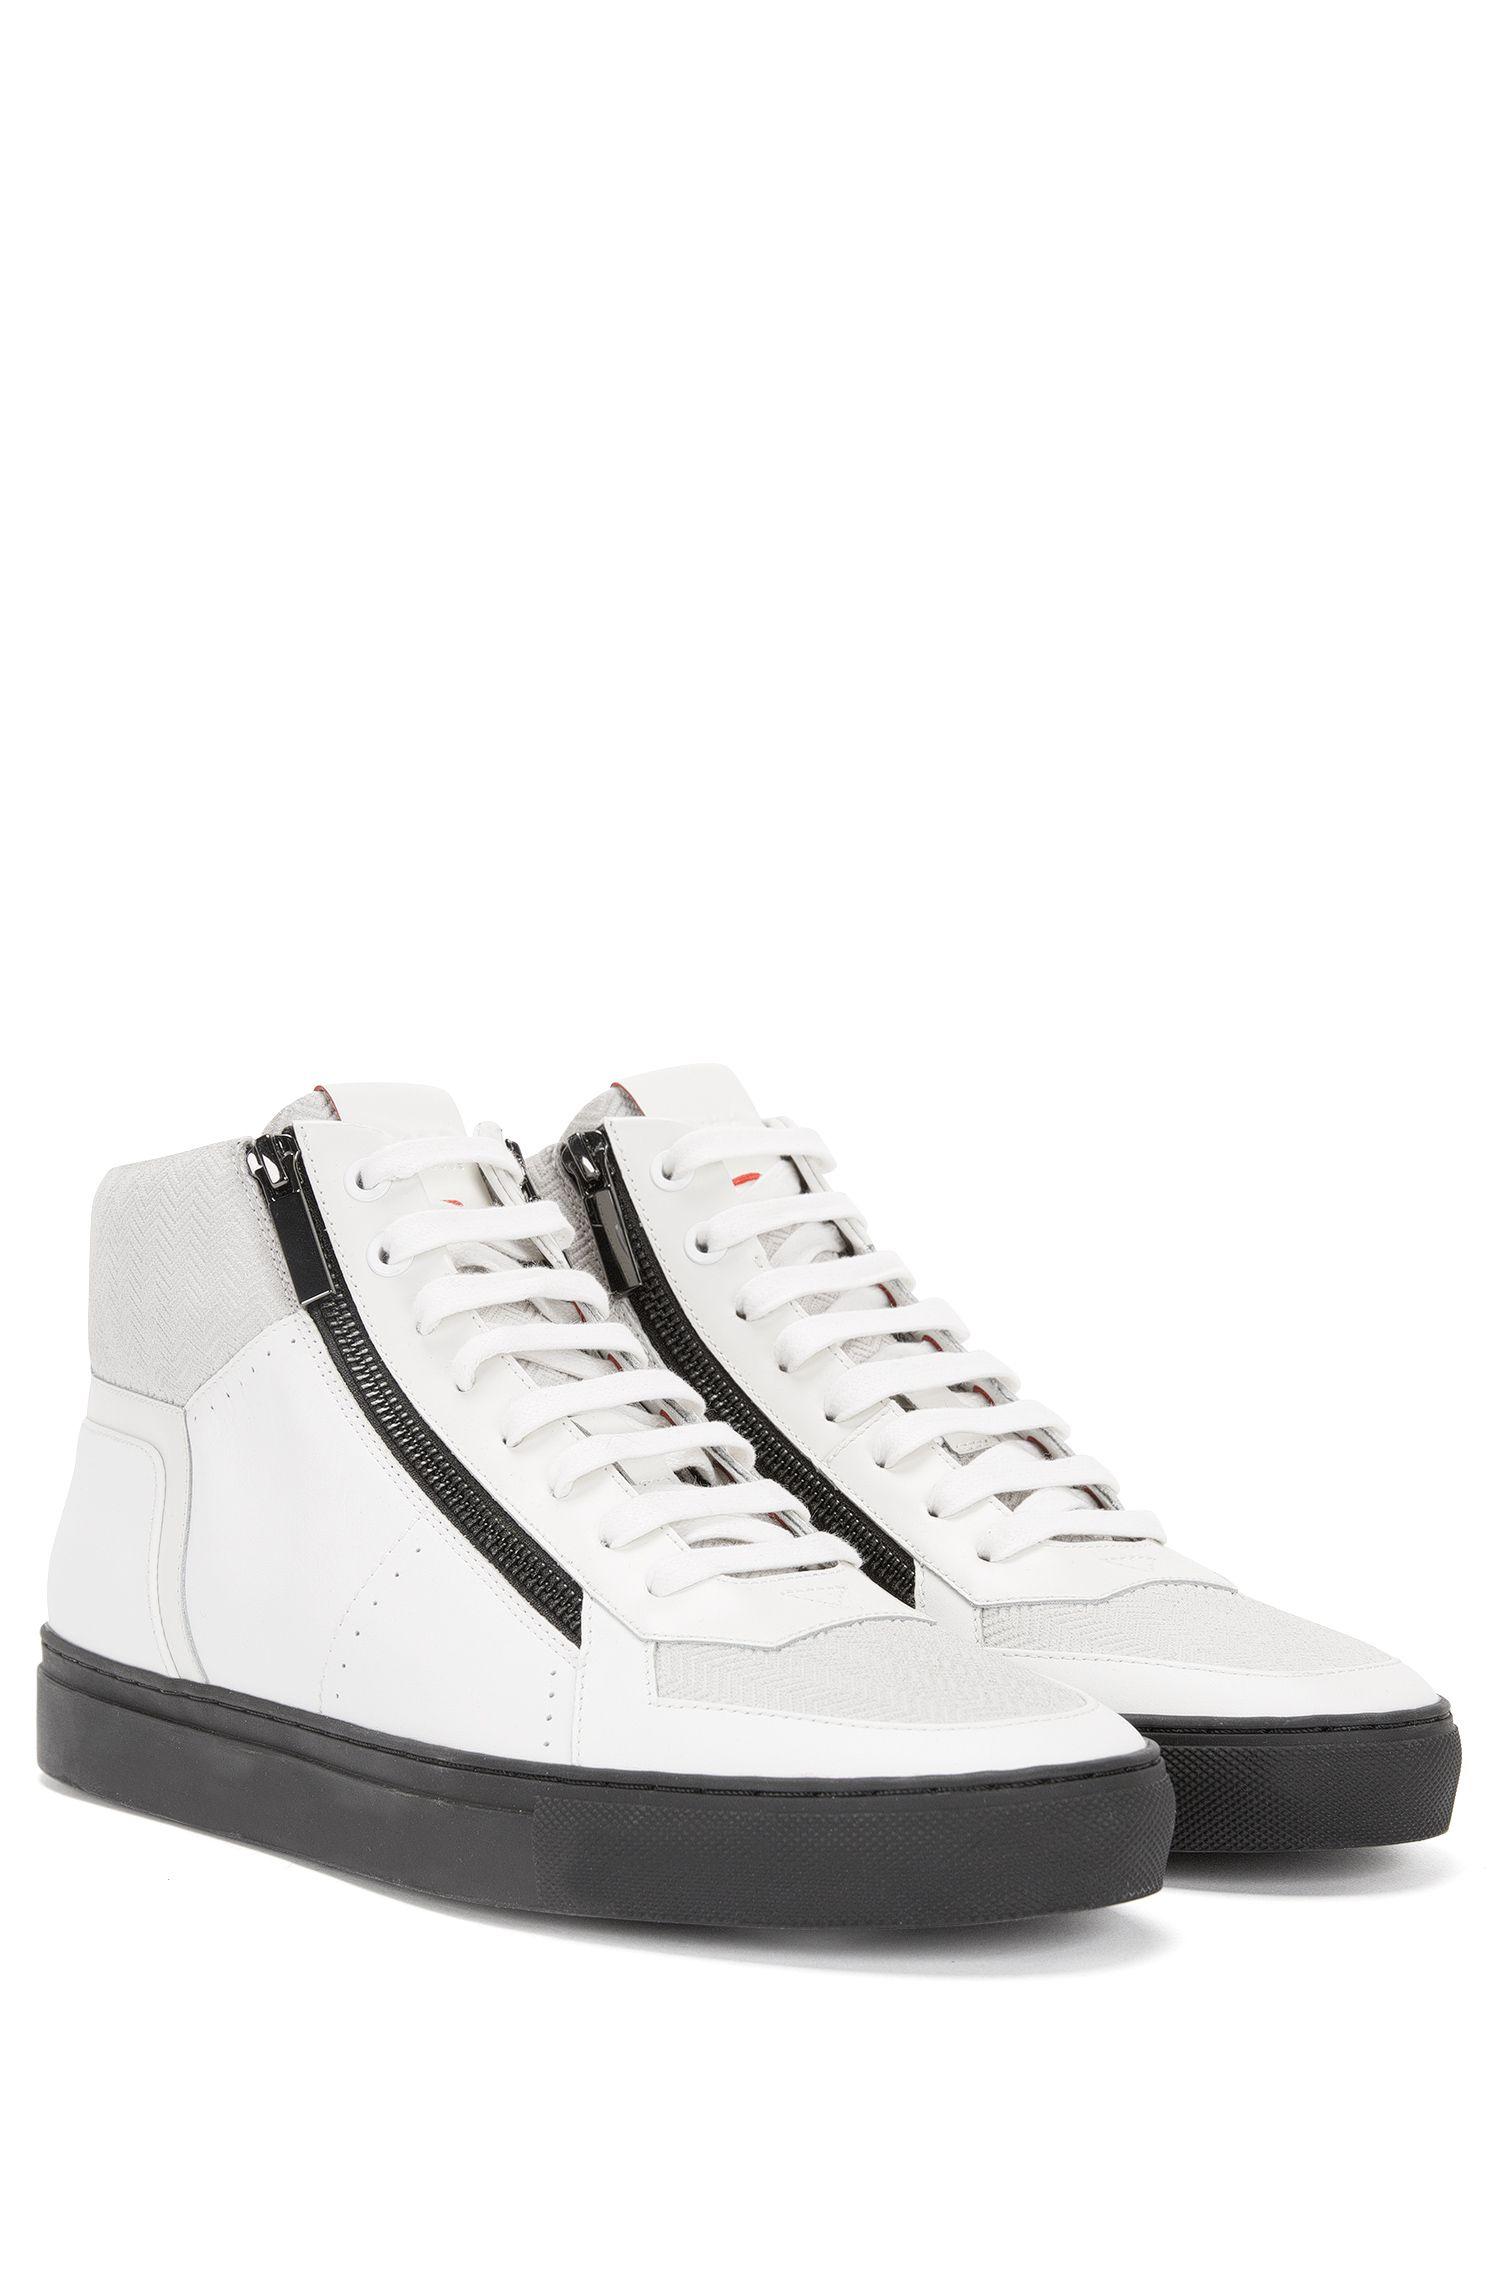 'Futurism Midc ltzp' | Calfskin Mixed Texture Zip High Top Sneakers